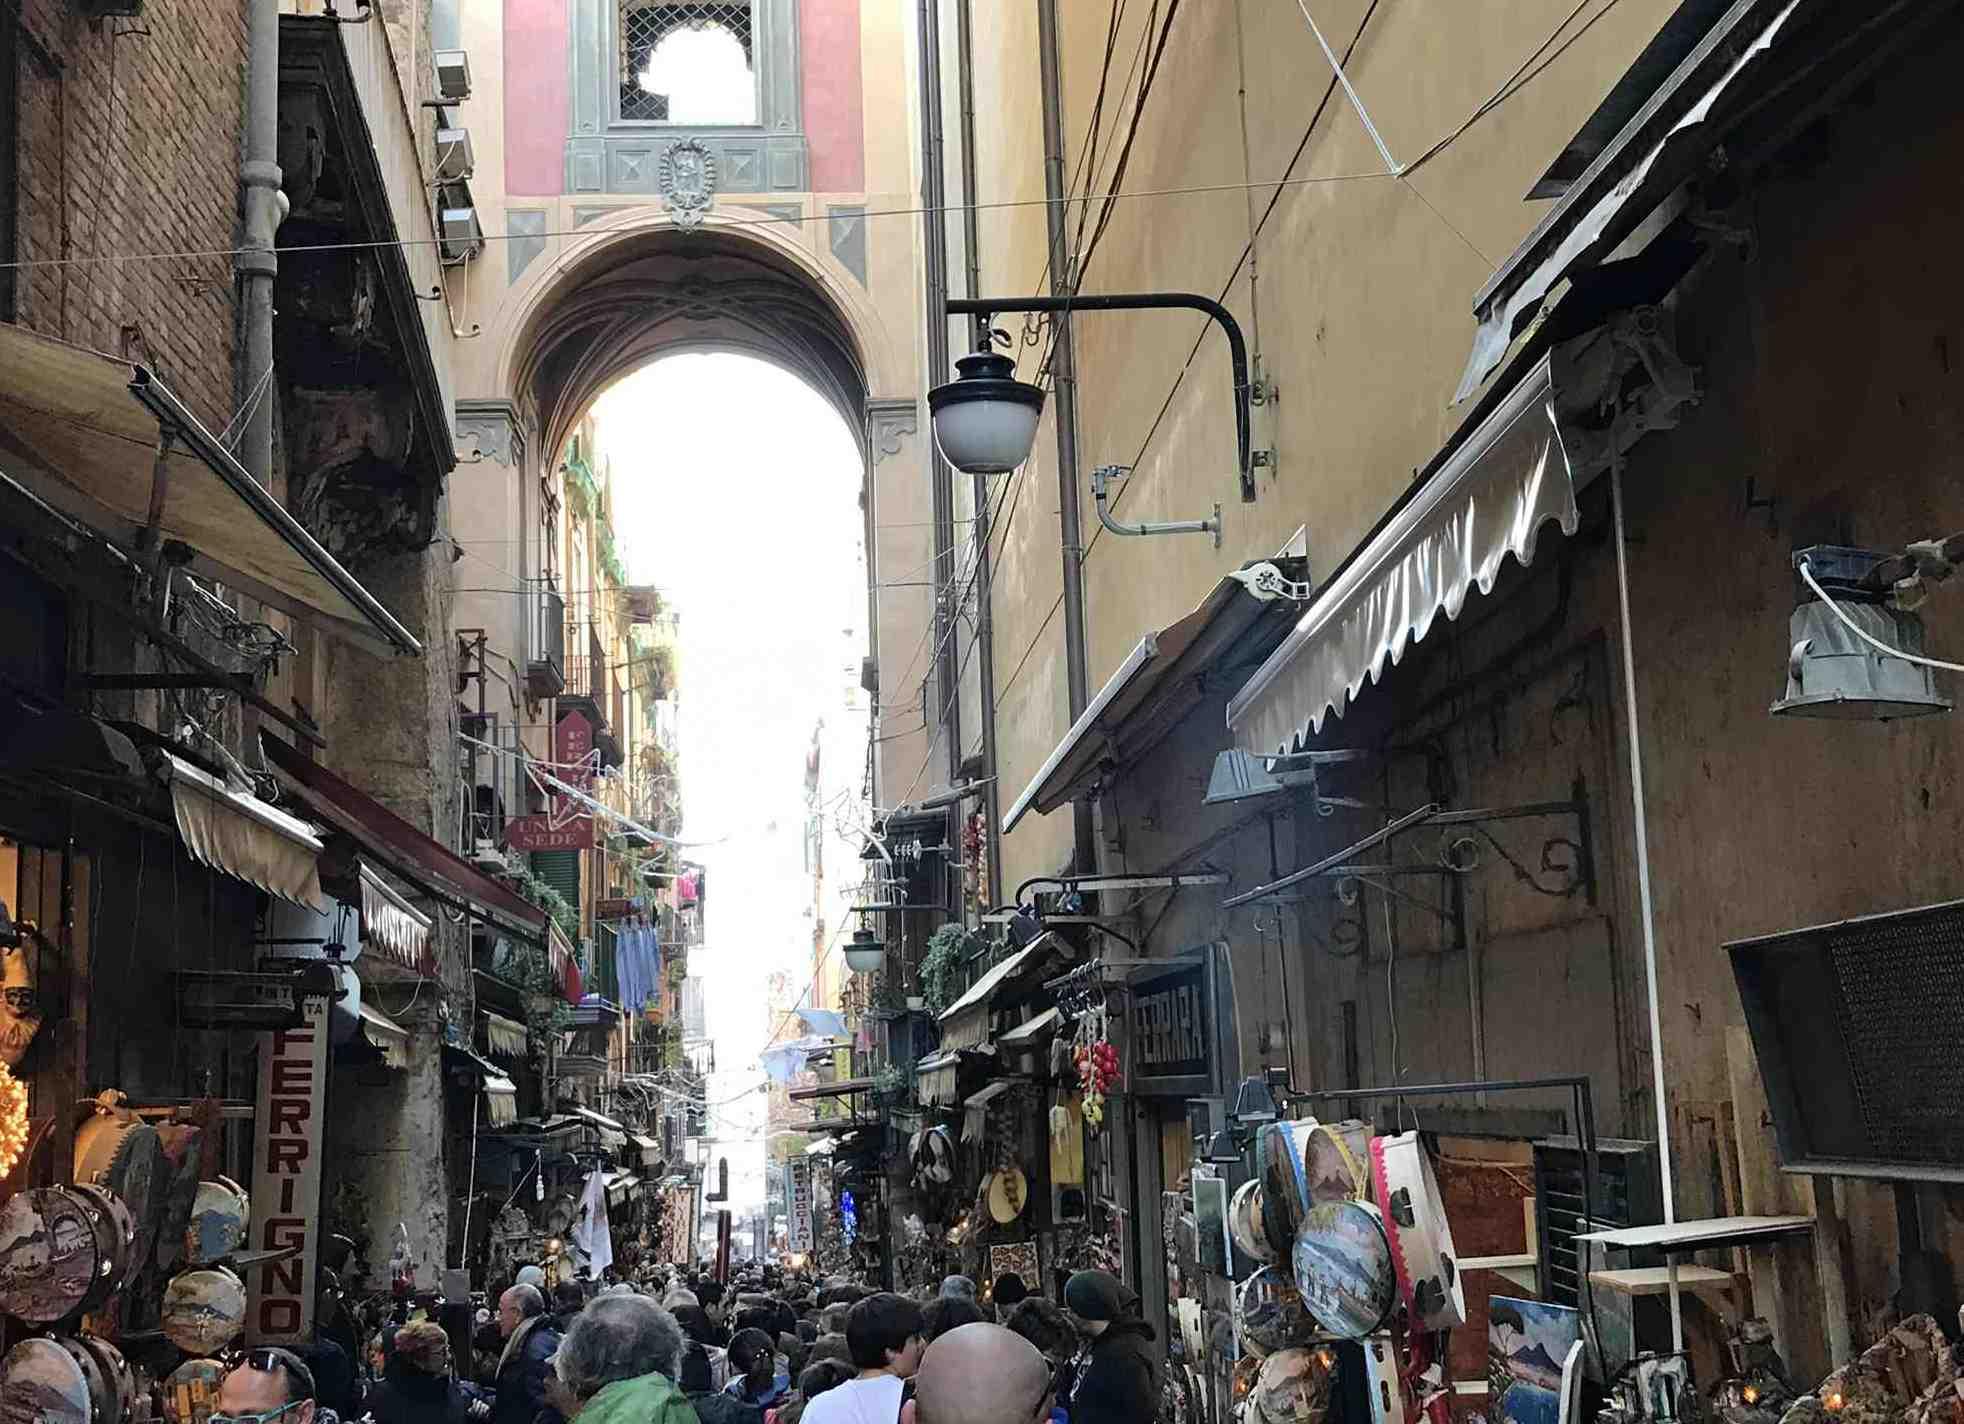 ナポリの古い町並み